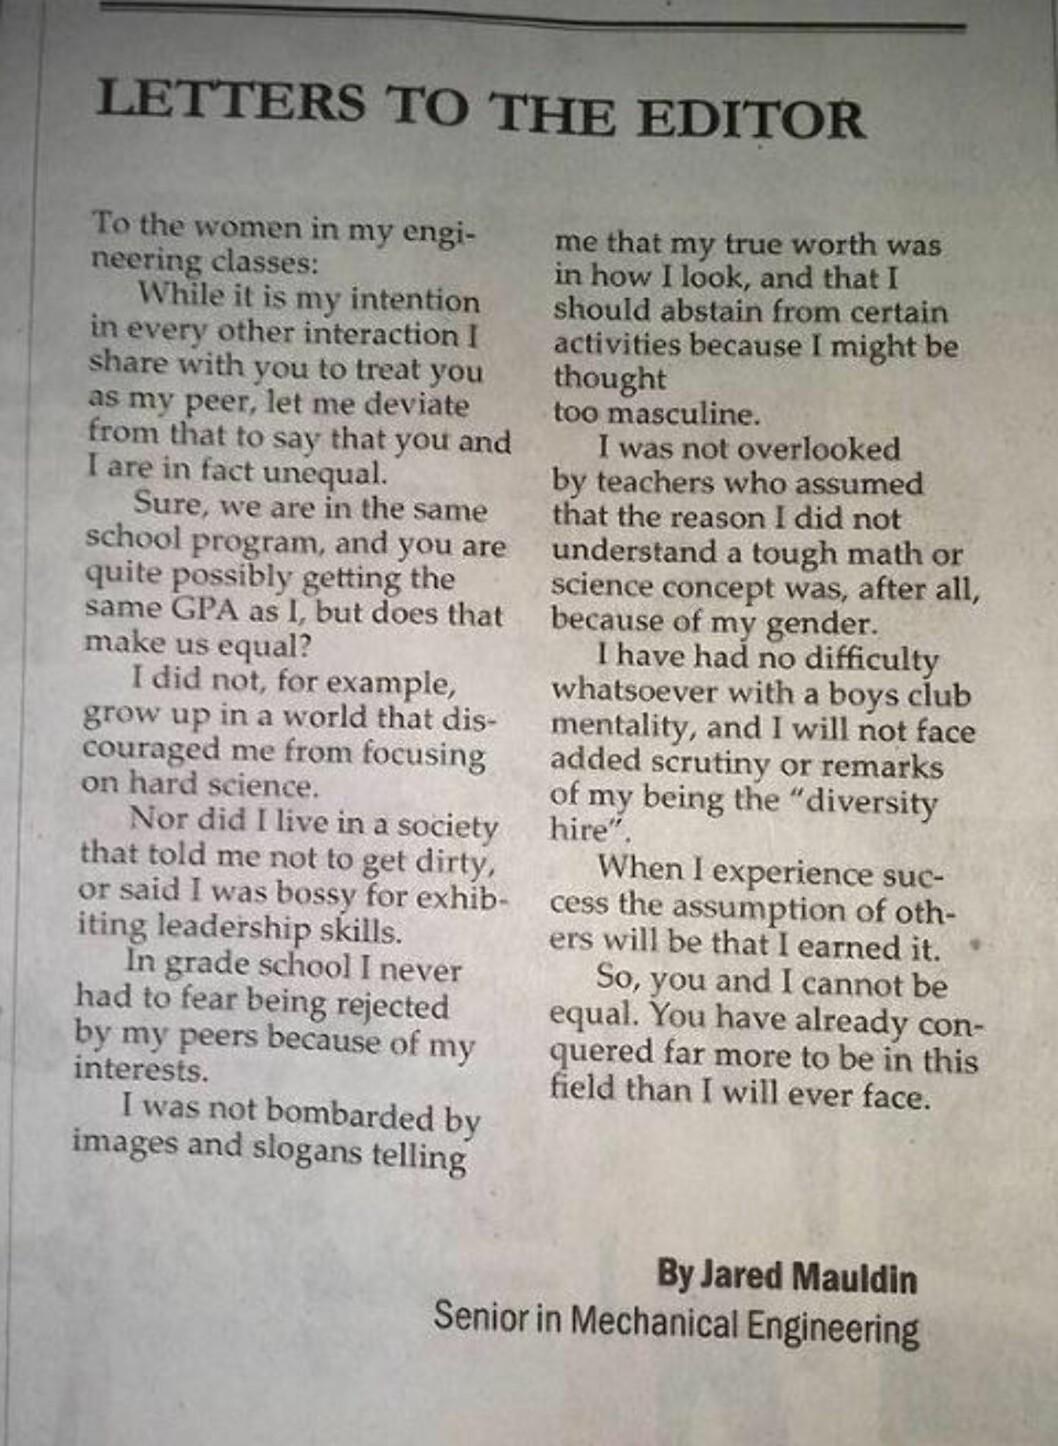 IKKE LIKEVERDIGE: Mauldin sendte brevet til avisas redaktør, og forklarte i korte ordelag hvorfor han og hans kvinnelige medstudenter ikke på noen måte er likeverdige. Foto: The Easterner